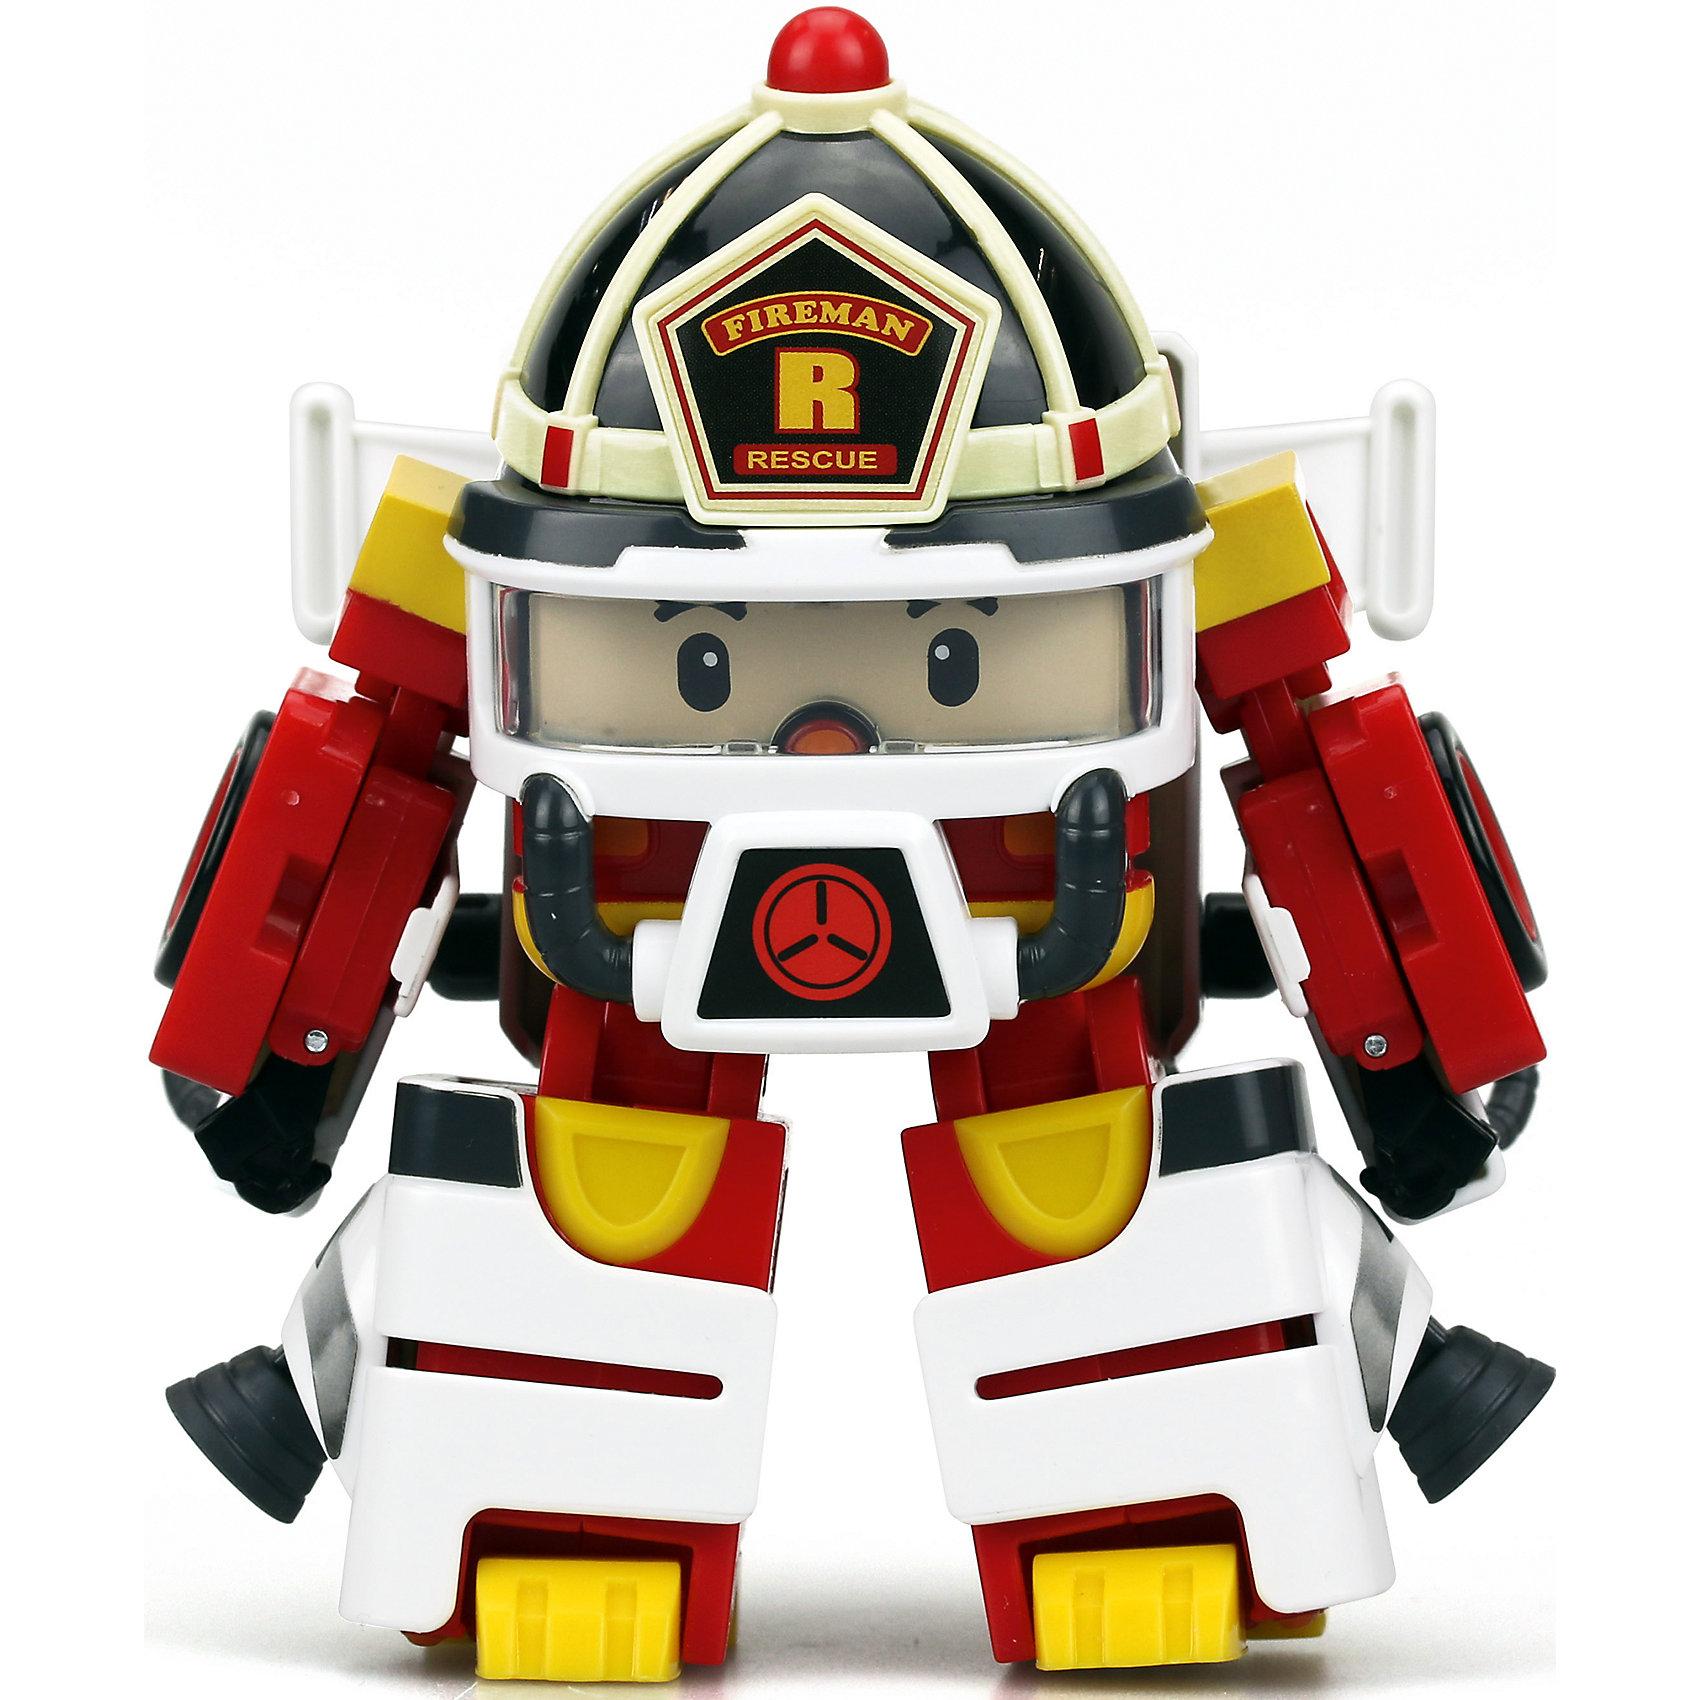 Трансформер и костюм астронавта Рой, 10 см, Робокар ПолиТрансформер и костюм астронавта Рой, 10 см, Робокар Поли.<br><br>Характеристики:<br><br>- В наборе: игрушка-трансформер, аксессуары костюма астронавта<br>- Материал: пластик<br>- Размер игрушки: 10 см.<br>- Упаковка: картонная коробка блистерного типа<br>- Размер упаковки: 10,8 x 15,2 x 17,2 см.<br>- Вес: 335 гр.<br><br>Смелый и отважный пожарный автомобиль Робокар Рой как обычно, не бросит в беде никого и всегда спешит на помощь жителям Брумстауна. Тем более, что с костюмом астронавта у него появилось еще больше возможностей помогать людям. Наш Рой легко и быстро трансформируется из машинки в робота, наденет на себя костюм и ринется в открытый космос!<br><br>Трансформера и костюм астронавта Рой, 10 см, Робокар Поли можно купить в нашем интернет-магазине.<br><br>Ширина мм: 152<br>Глубина мм: 108<br>Высота мм: 171<br>Вес г: 360<br>Возраст от месяцев: 36<br>Возраст до месяцев: 2147483647<br>Пол: Унисекс<br>Возраст: Детский<br>SKU: 5059831